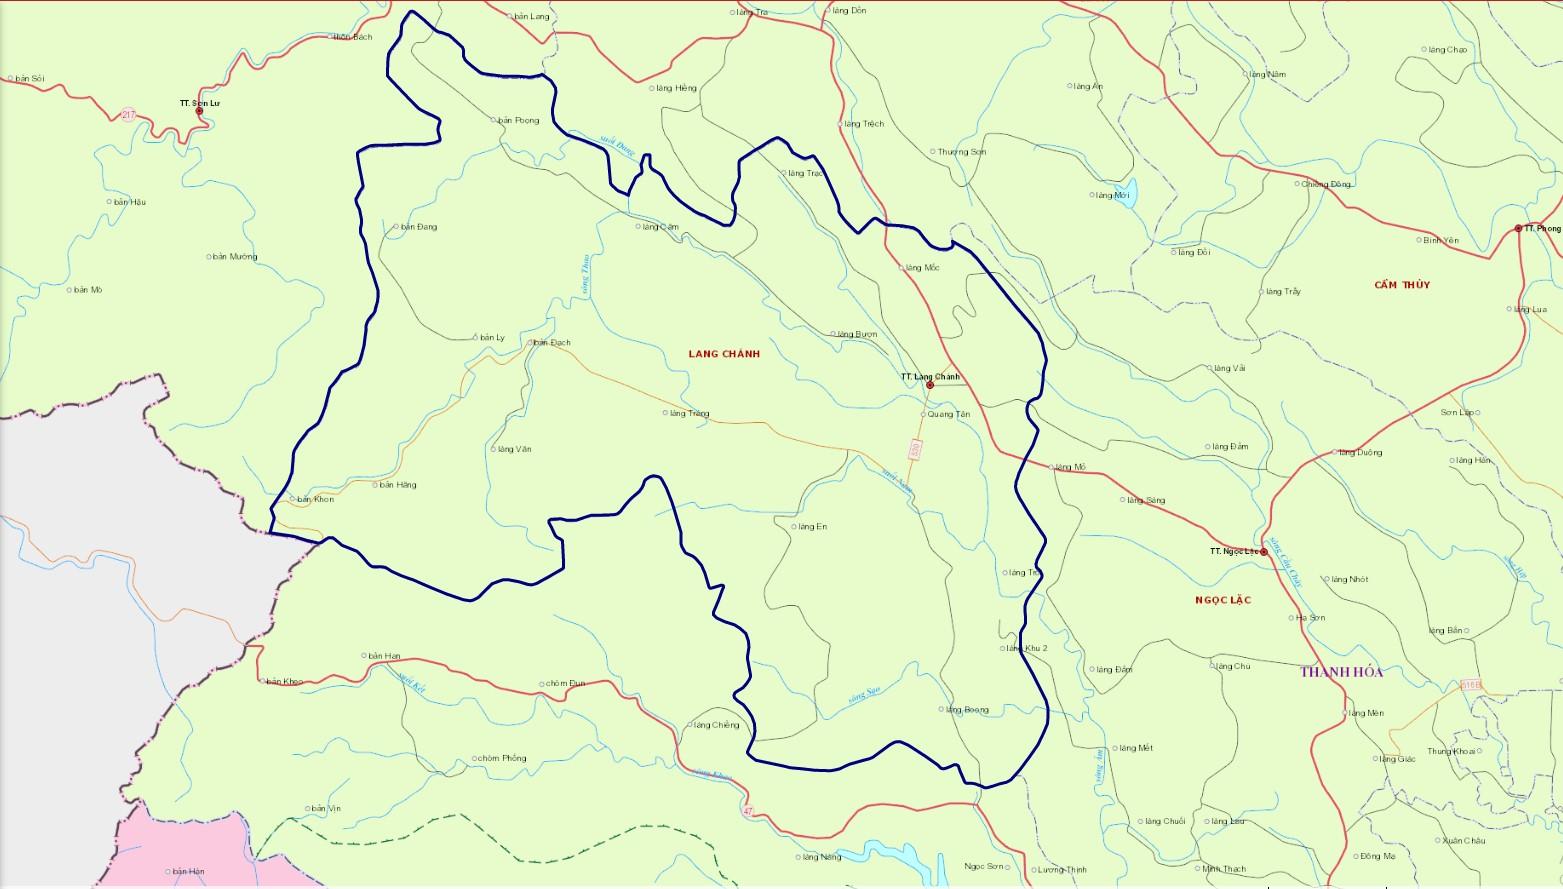 Bản đồ hành chính huyện Lang Chánh